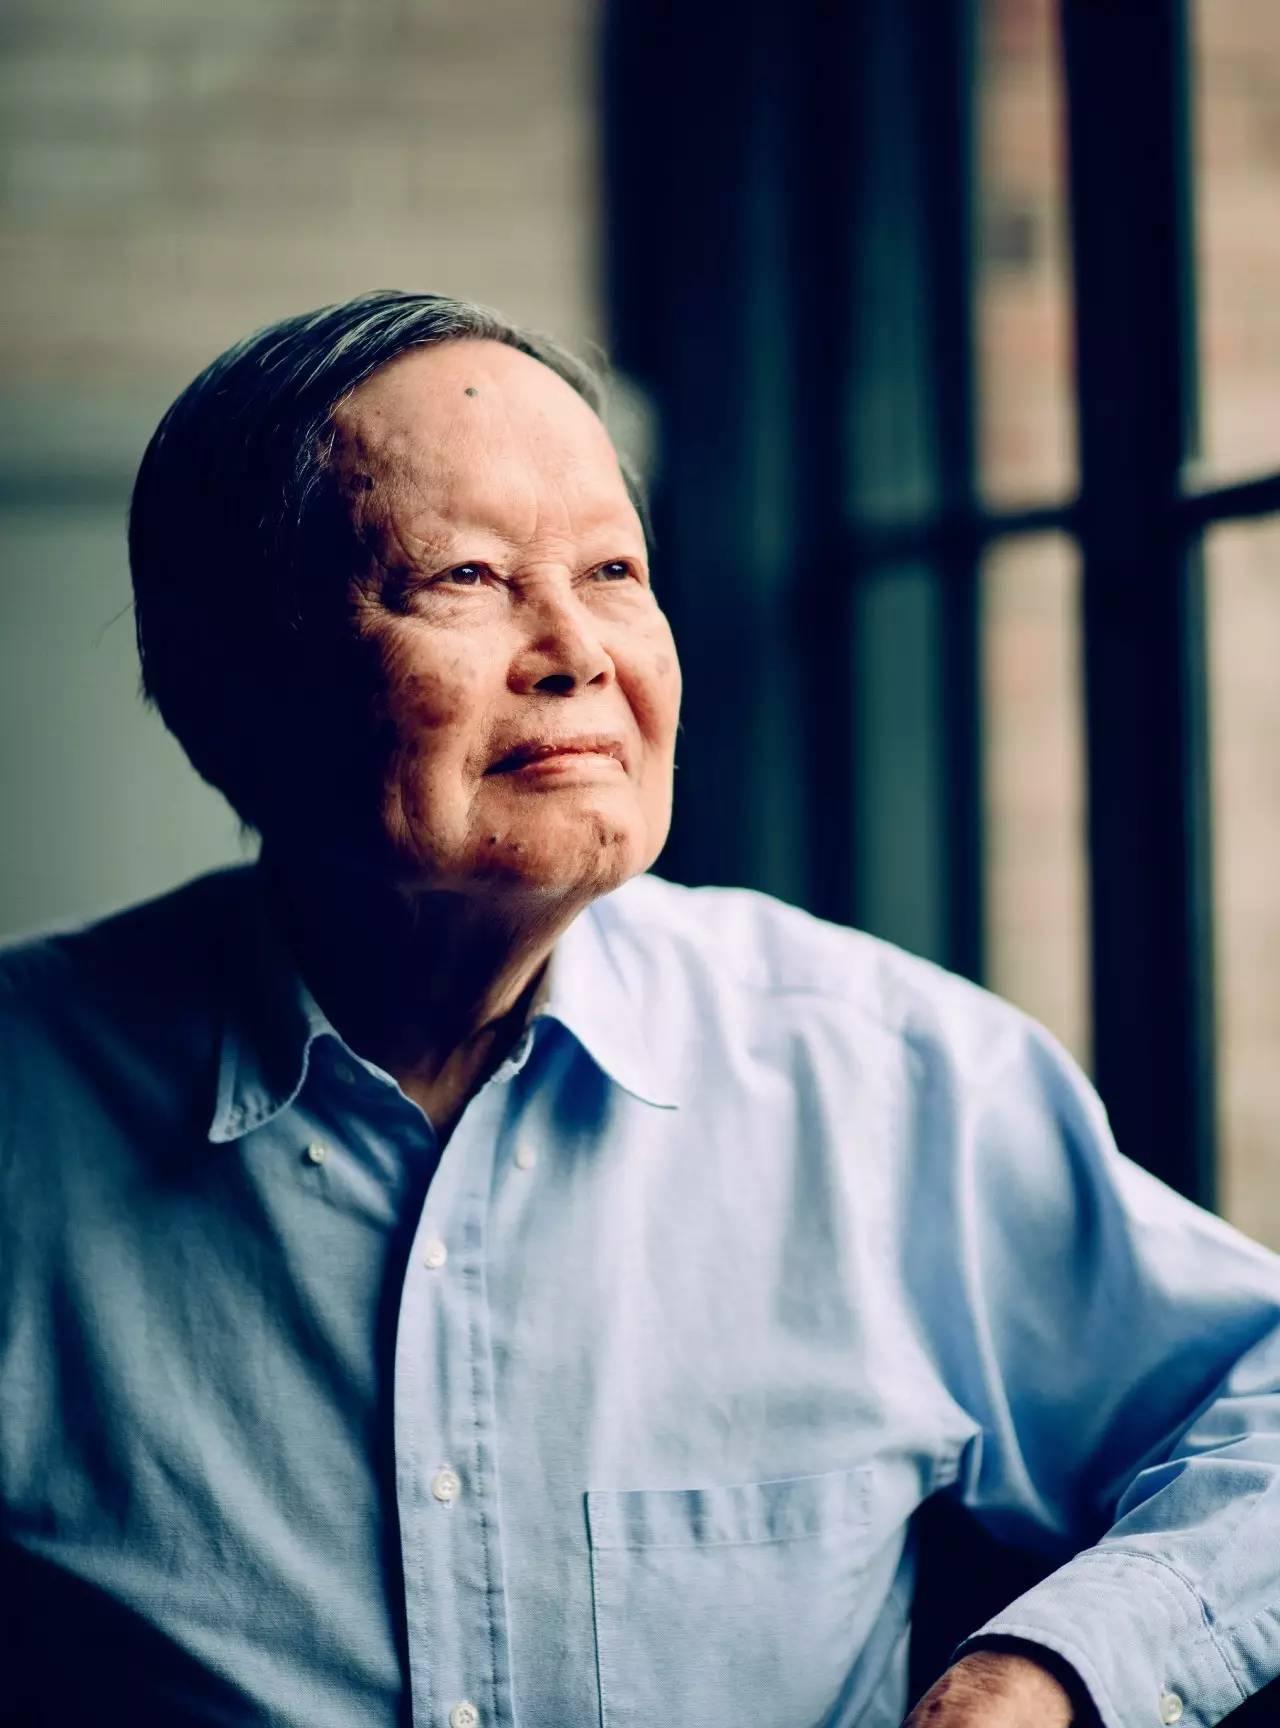 杨振宁已6年没去过美国 不敢离协和医院太长时间-凤凰新闻